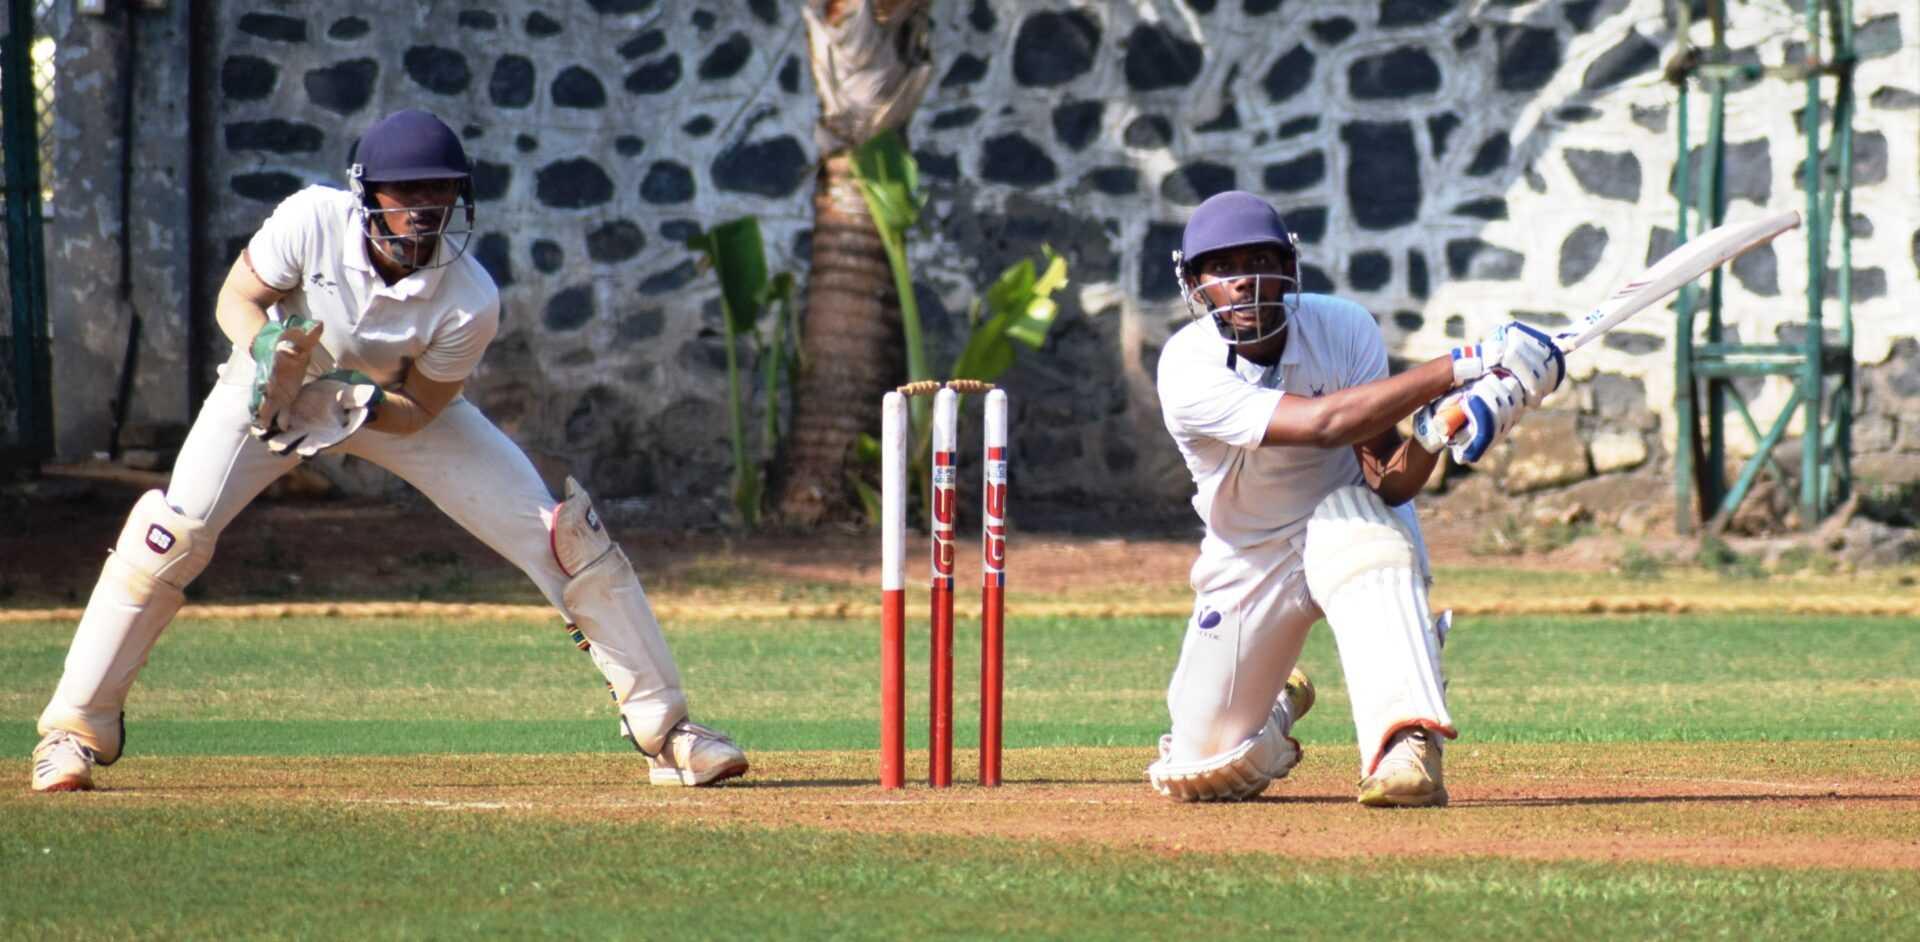 पहिल्या व्हिजन करंडक तीन दिवसीय क्रिकेट स्पर्धेत पहिल्या डावात व्हेरॉक संघाचे वर्चस्व; 22 यार्डस संघाला 150 धावांवर रोखले